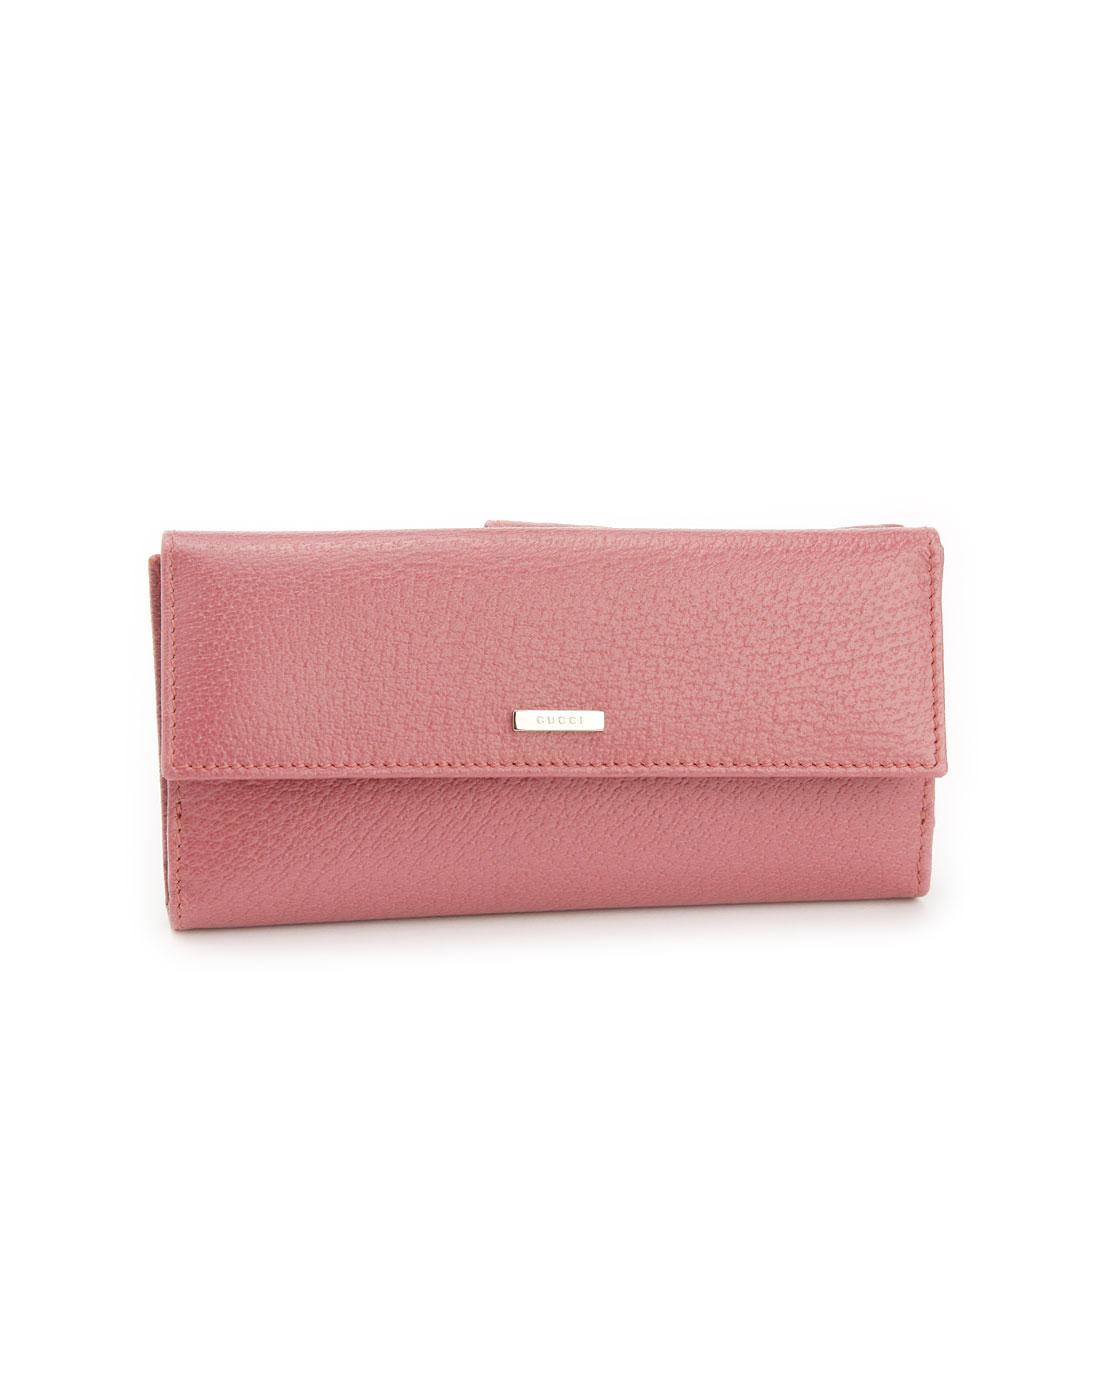 奢华钱包专场gucci女款浅紫红色压纹钱包g1025029